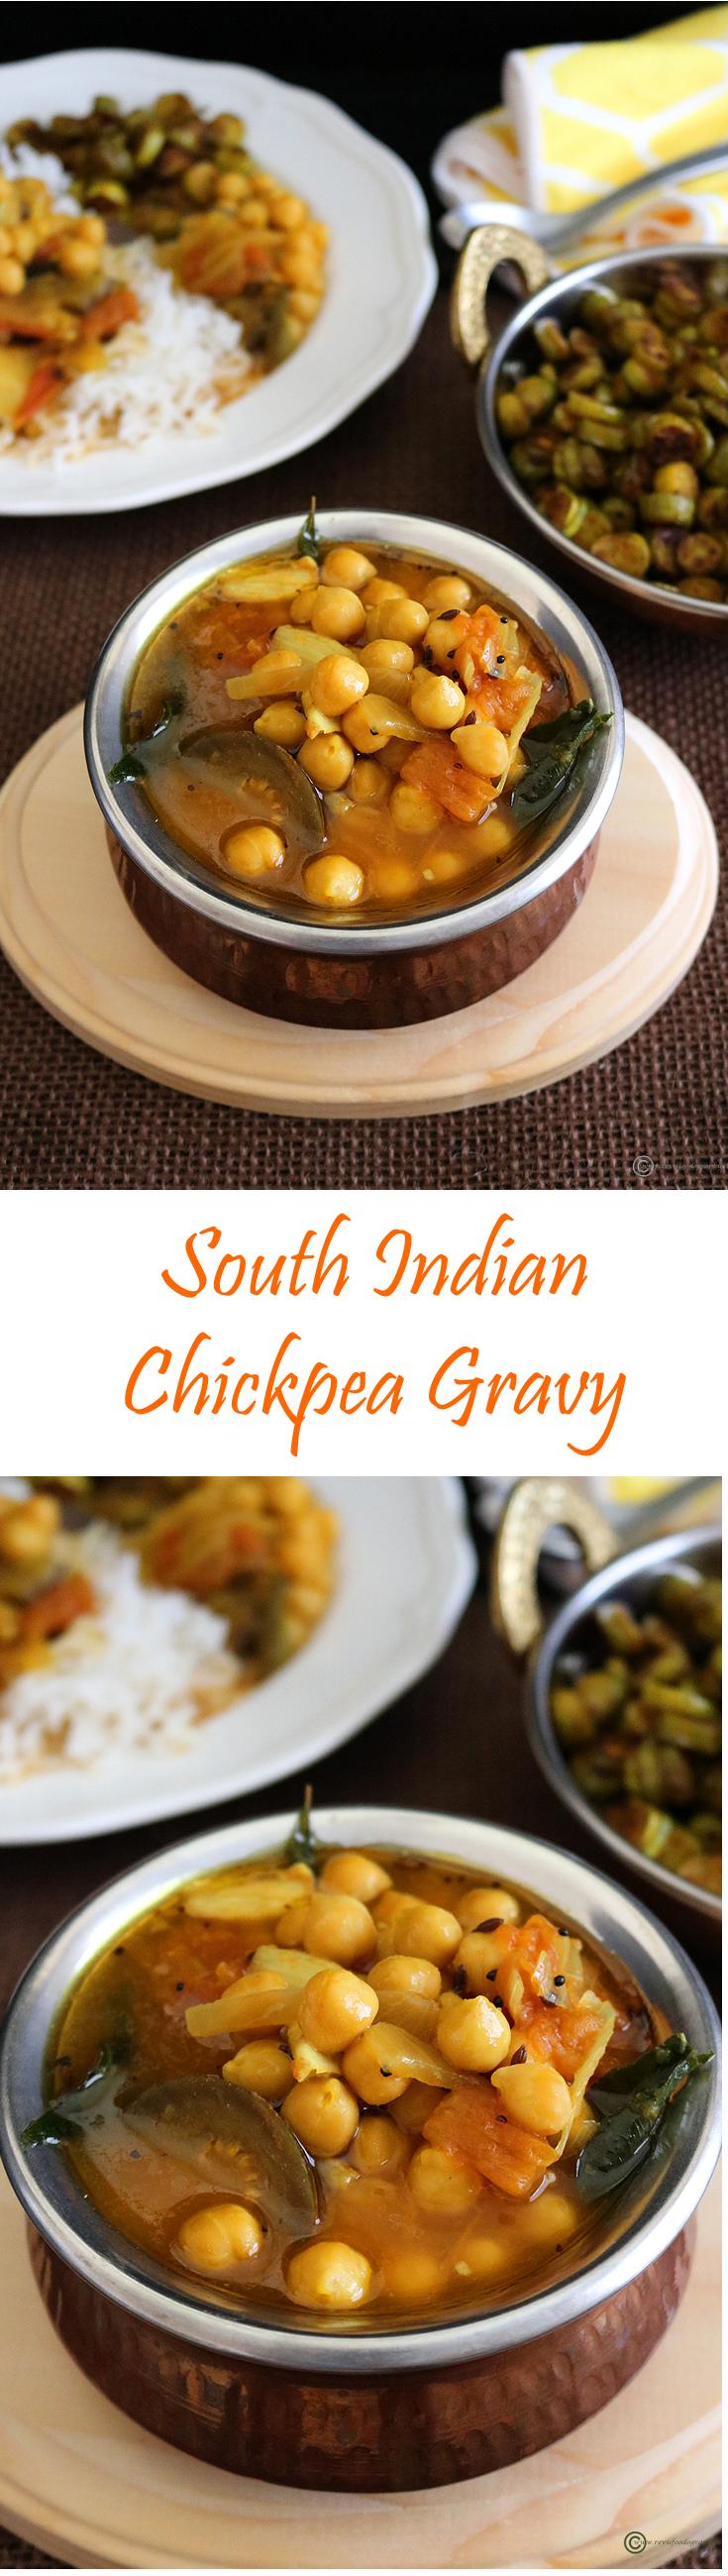 Kondai Kadalai Kuzhambu Recipe Indian food recipes